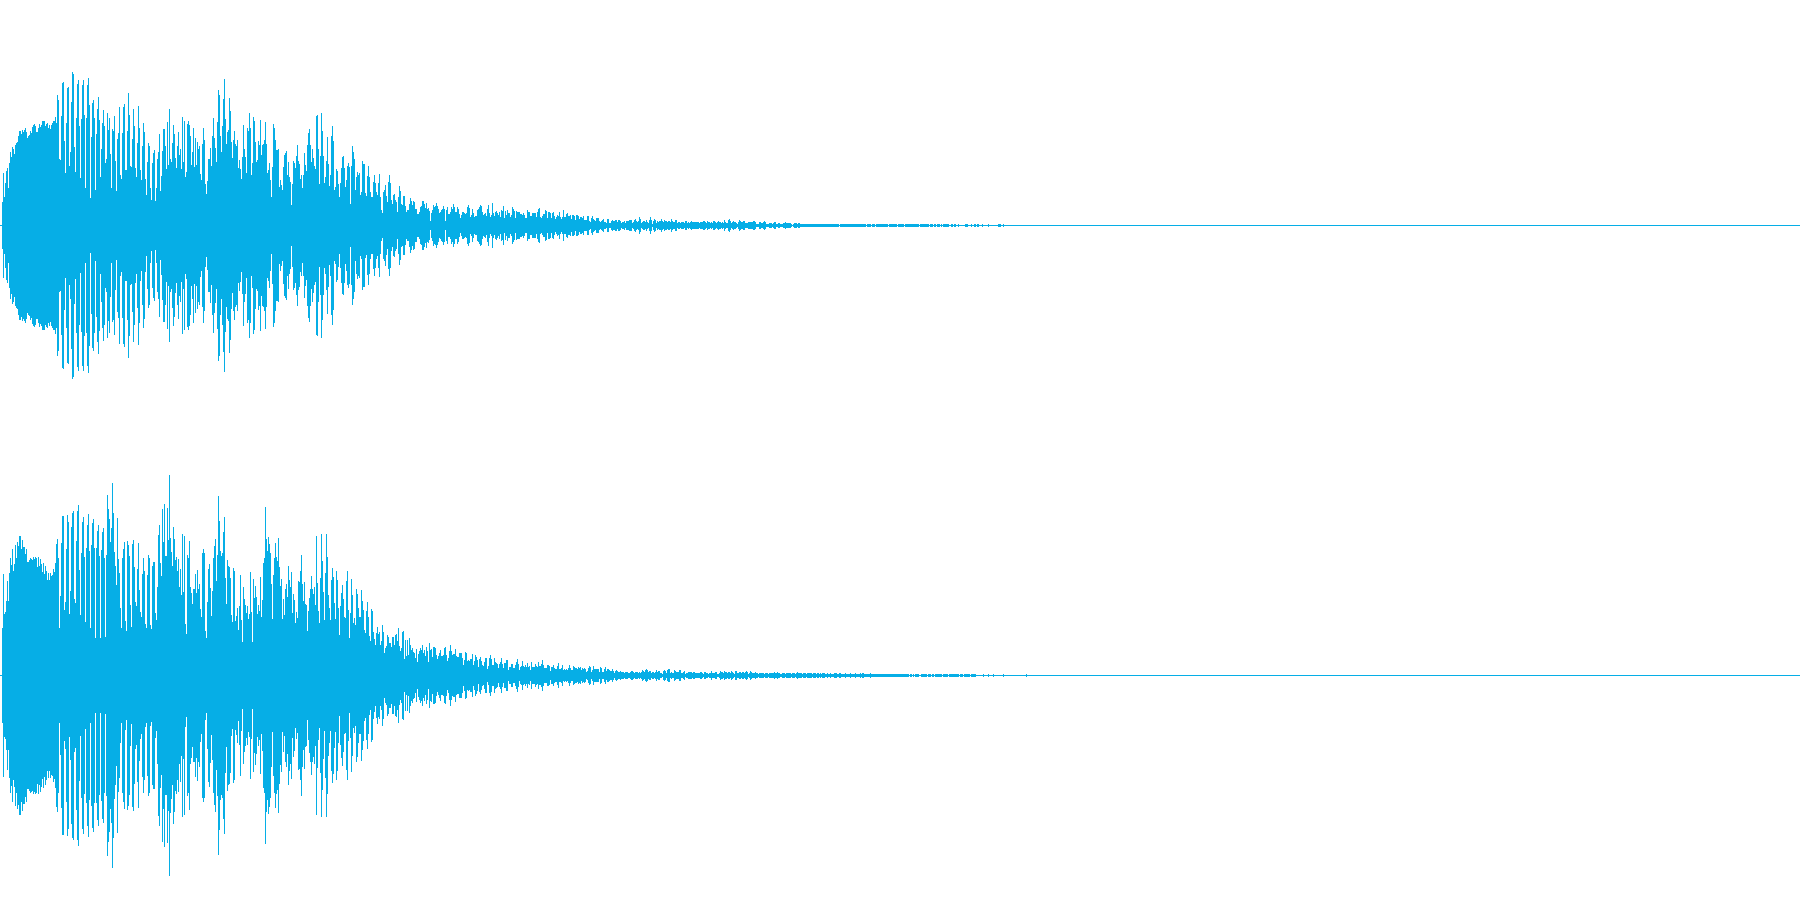 場面転換03(かわいい音)の再生済みの波形